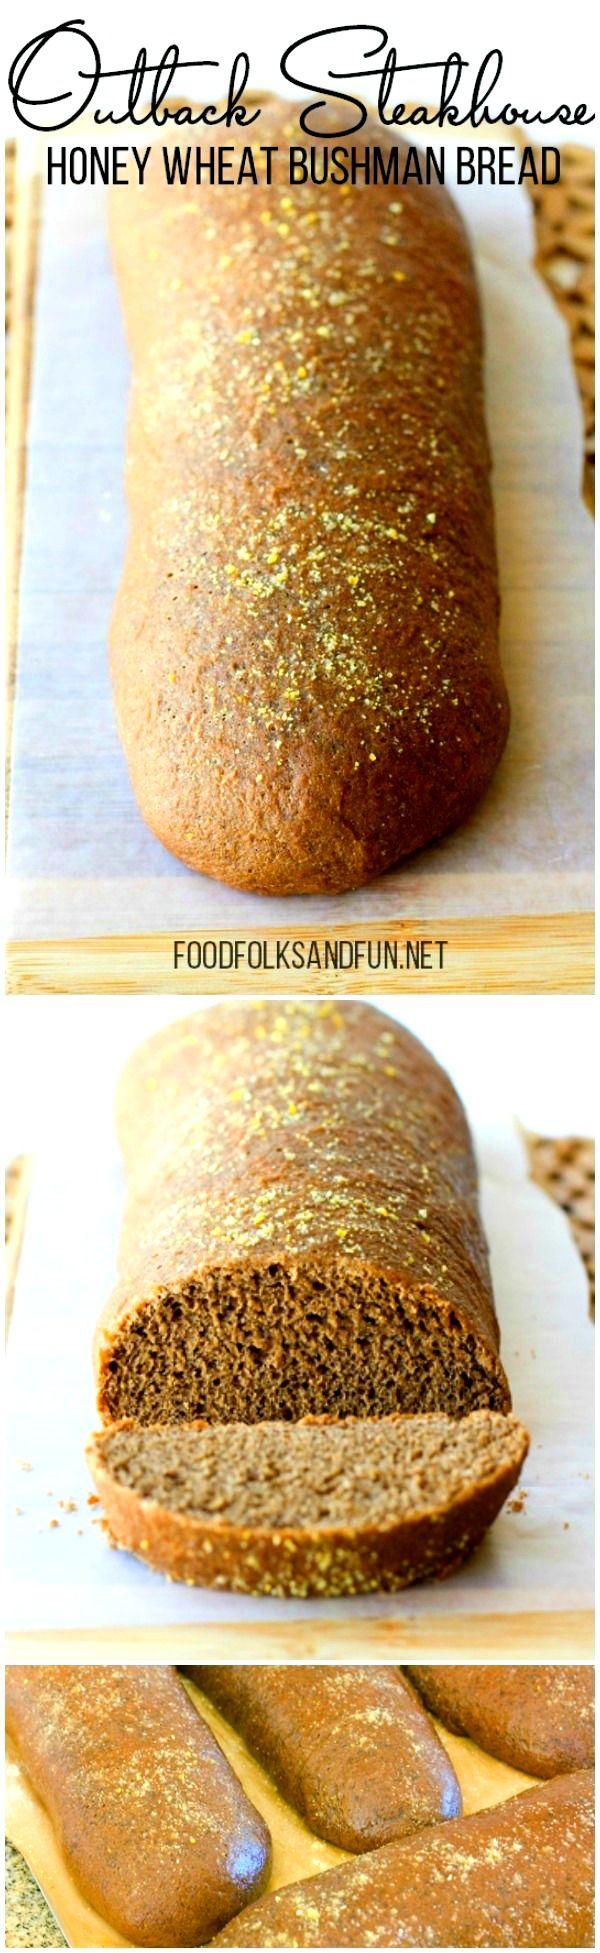 Honey Wheat Bushman Bread Recipe – an Outback Steakhouse Copycat! | Copycat Recipe | Outback Recipe | Brown Bread